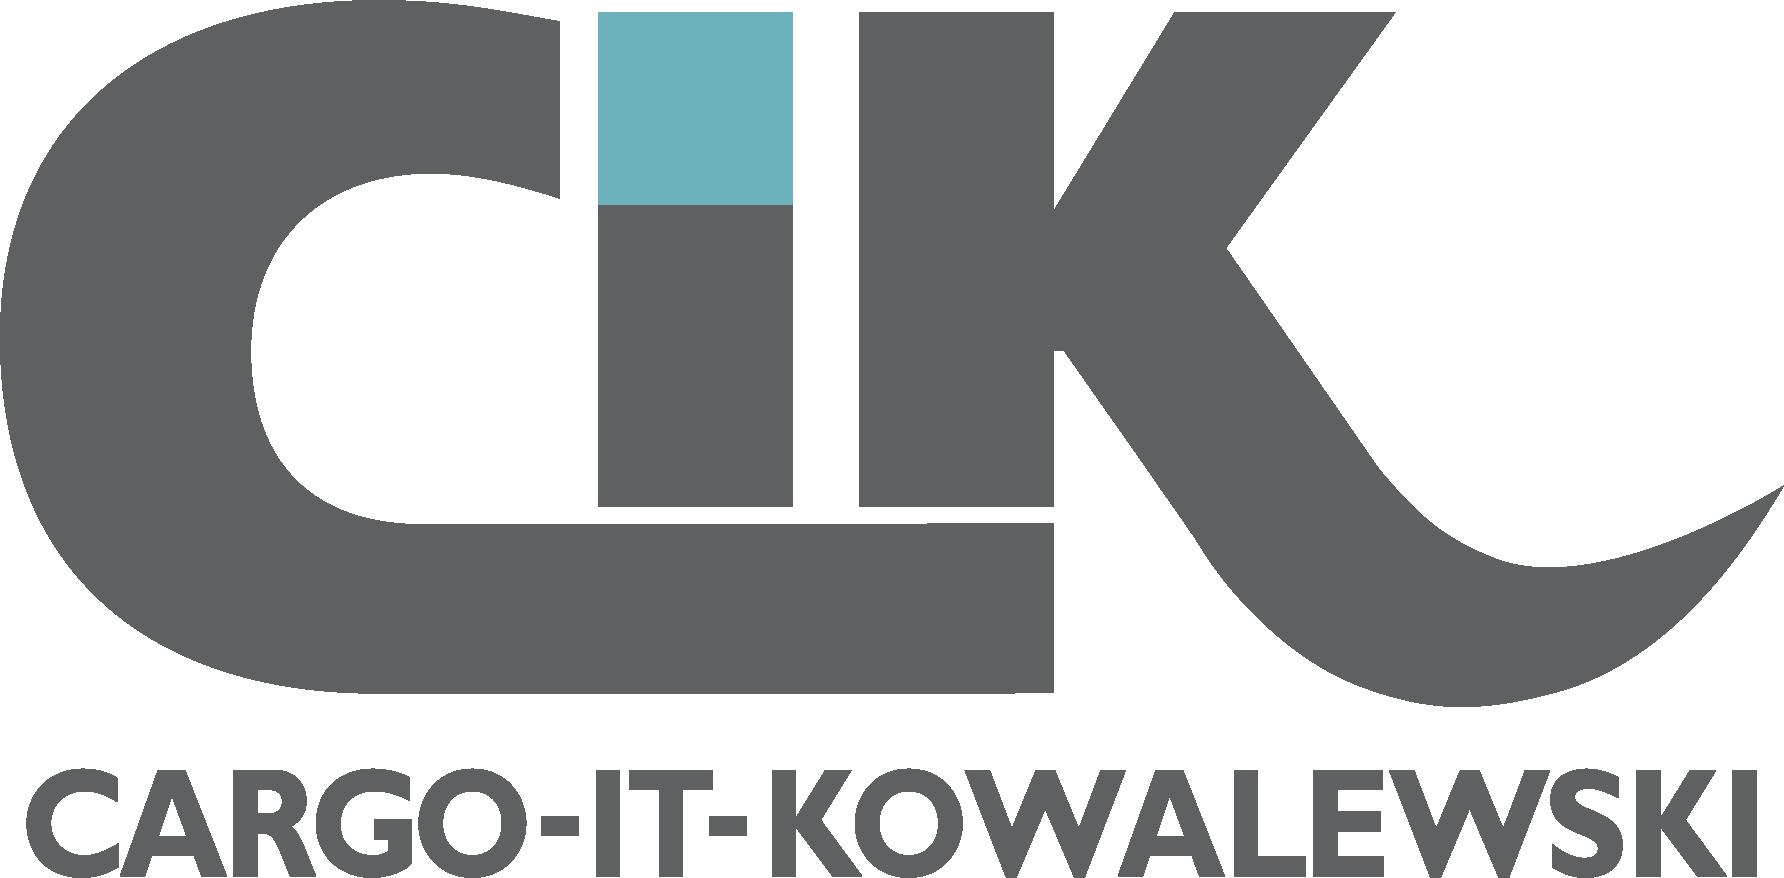 CARGO-IT-KOWALEWSKI Partner von Supply Chain Competence Center Gross & Partner